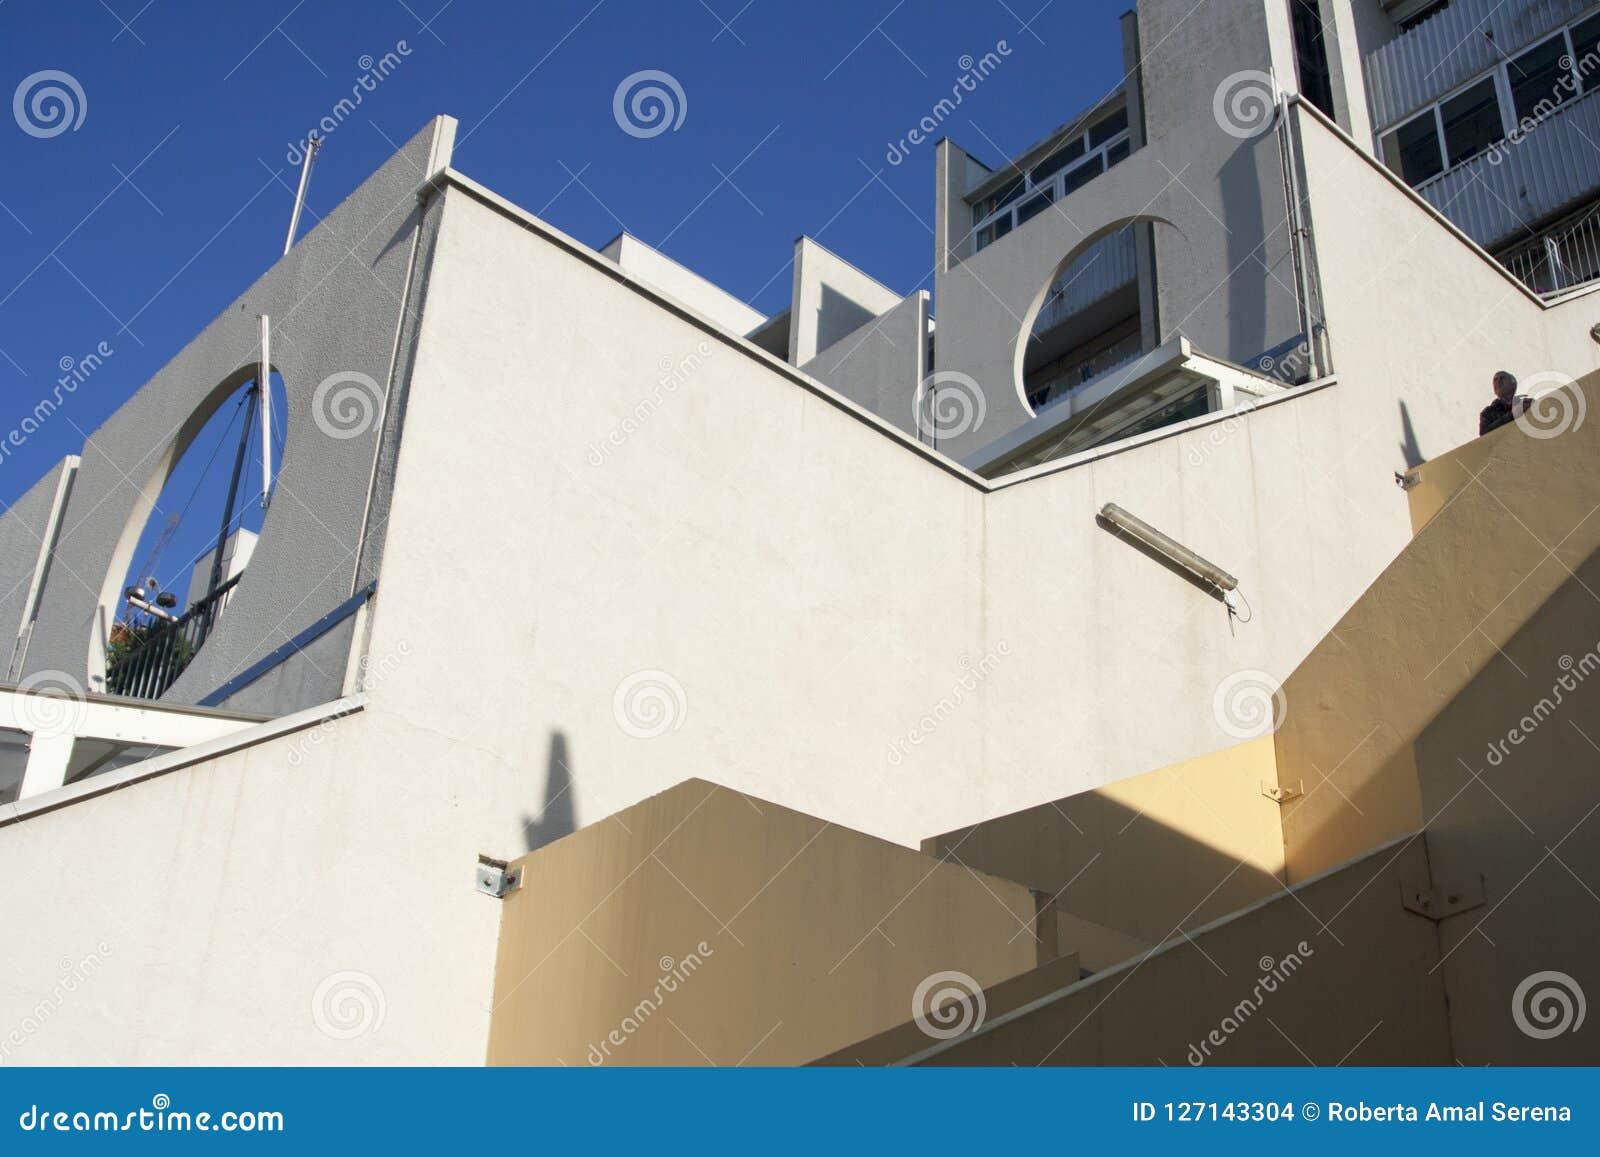 Le détail des maisons populaires a retitré Lavatrici dans l ouest Genoese